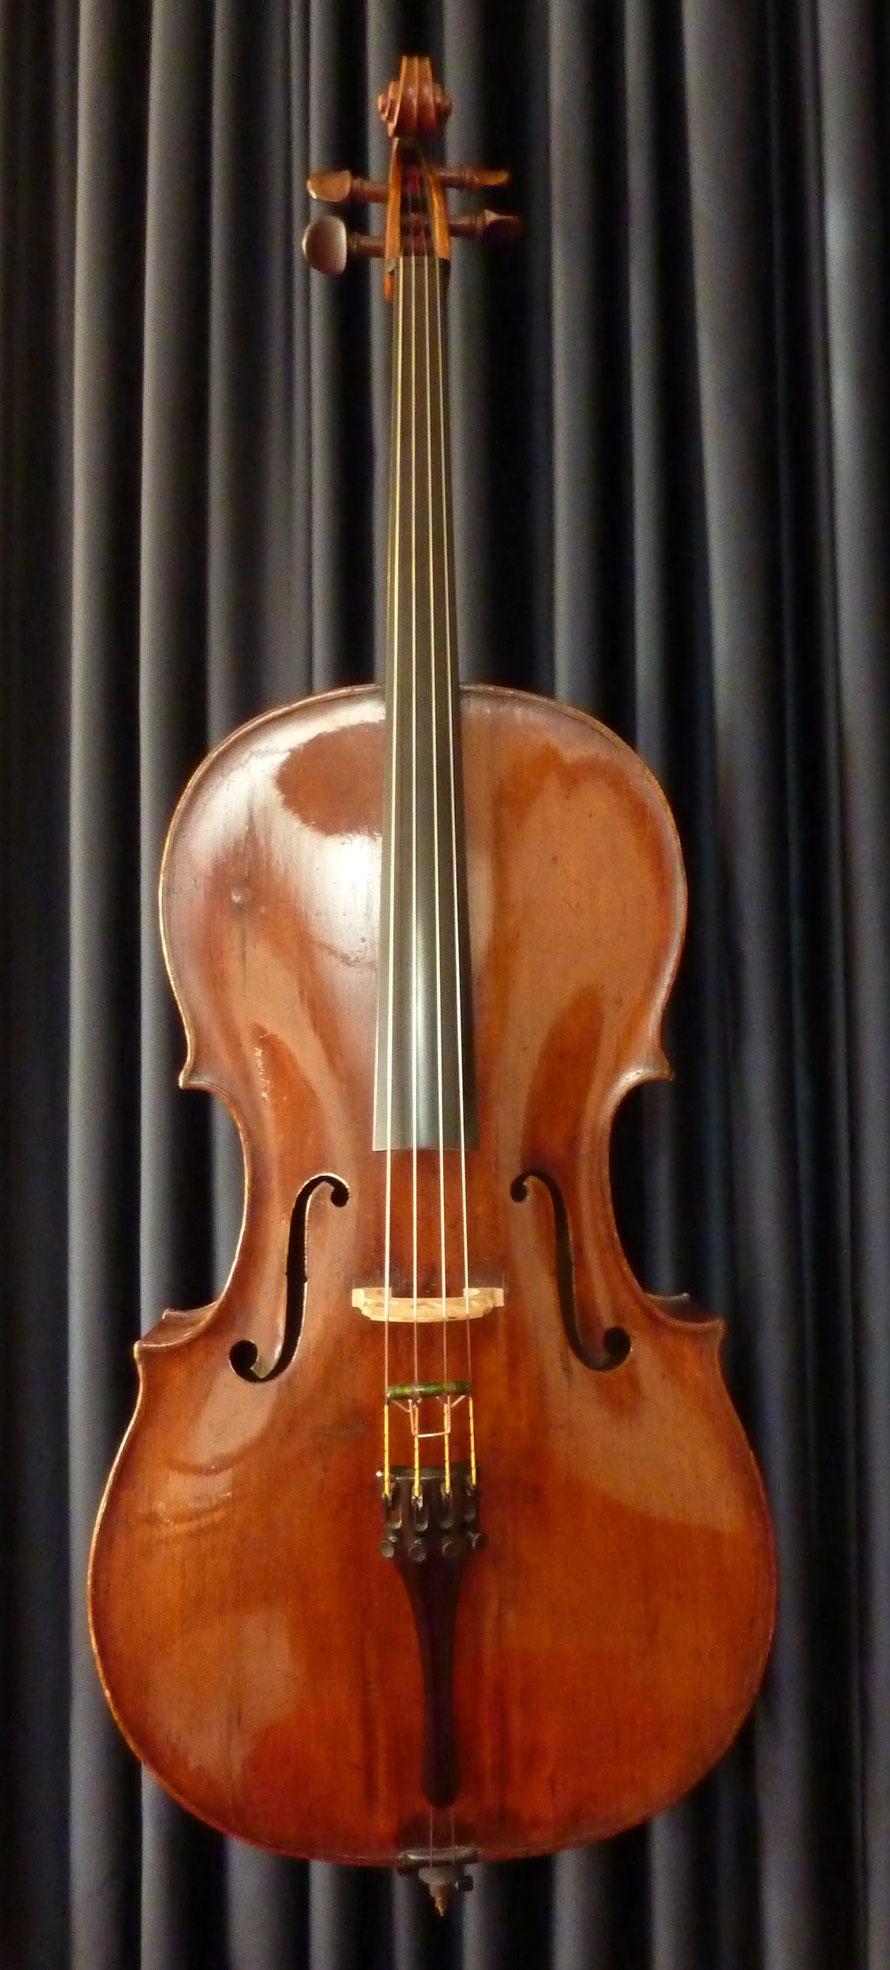 Violoncello, ca. 1750, angeschäftet, Erbauer unbekannt, Decke